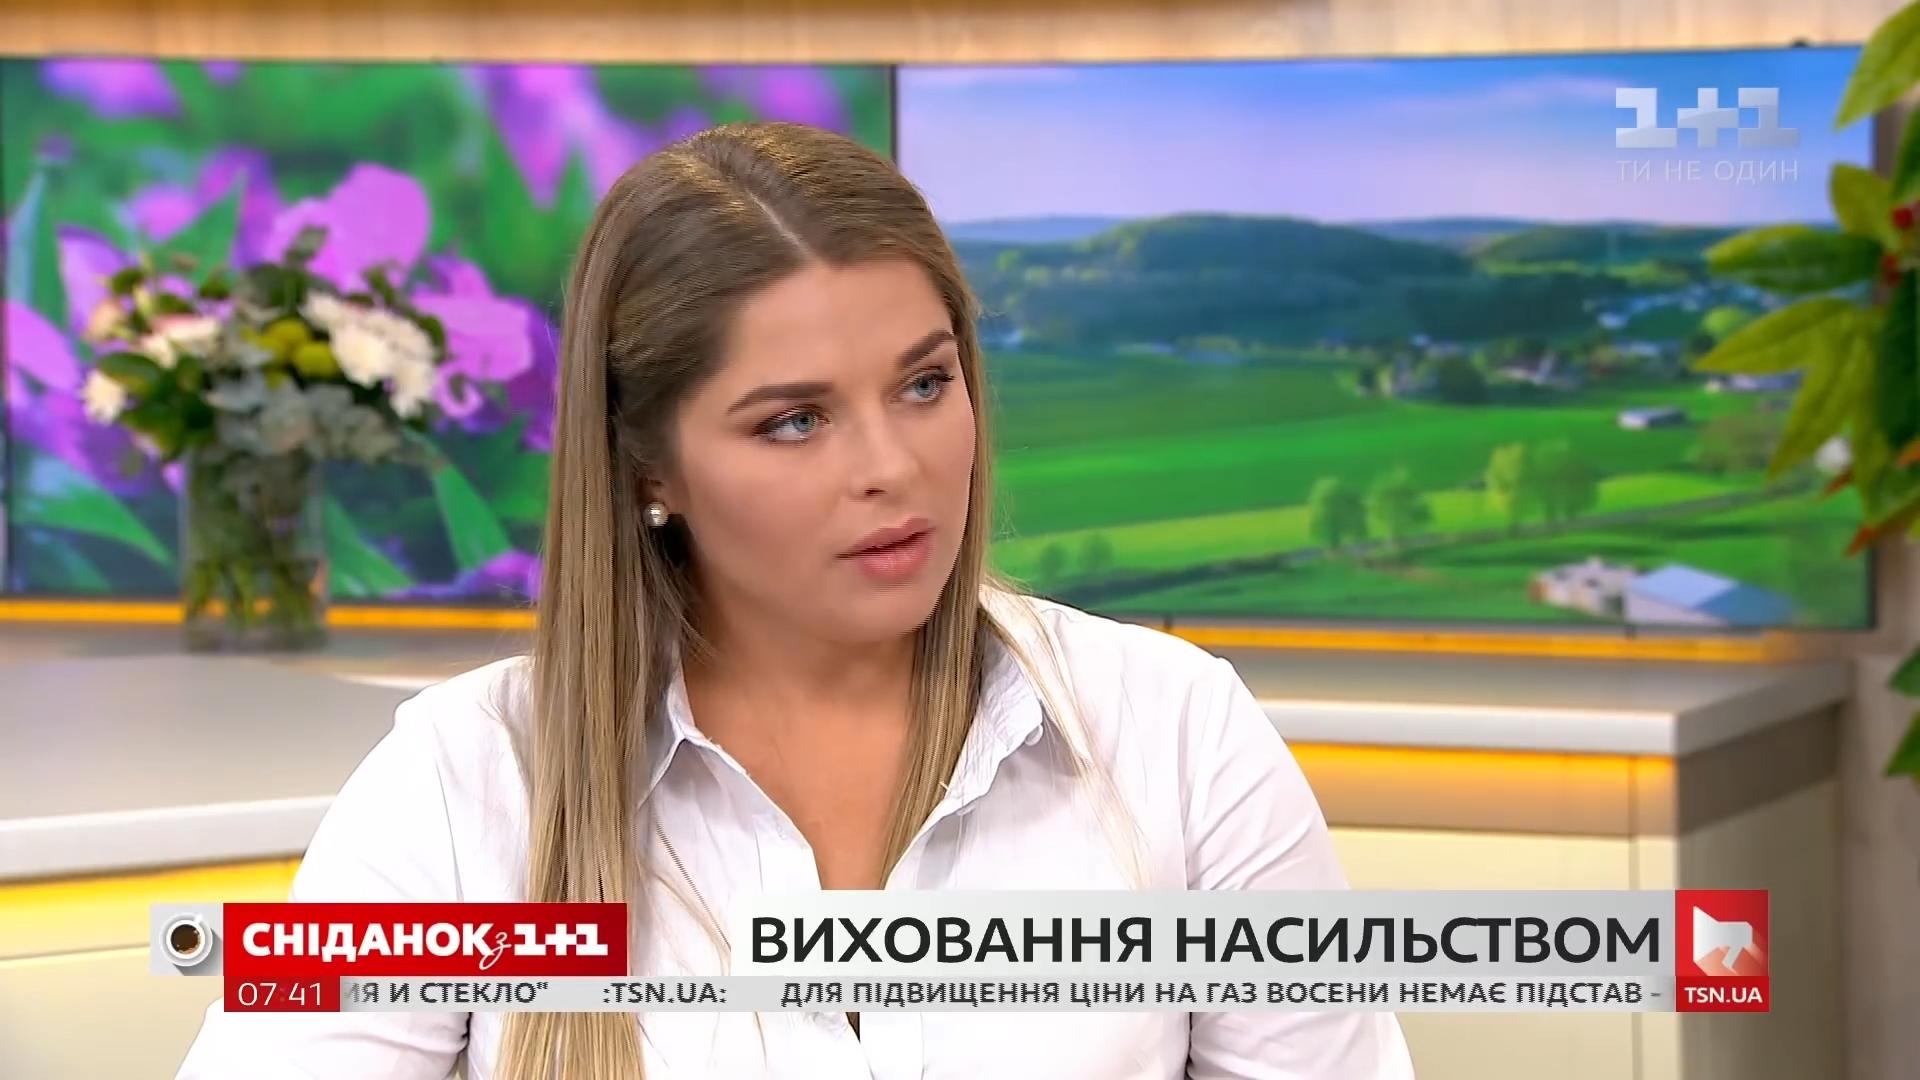 20190708_09-51-Что в Украине считается насилием над детьми и как ему противостоять - адвокат Олег Простибоженко-pic07